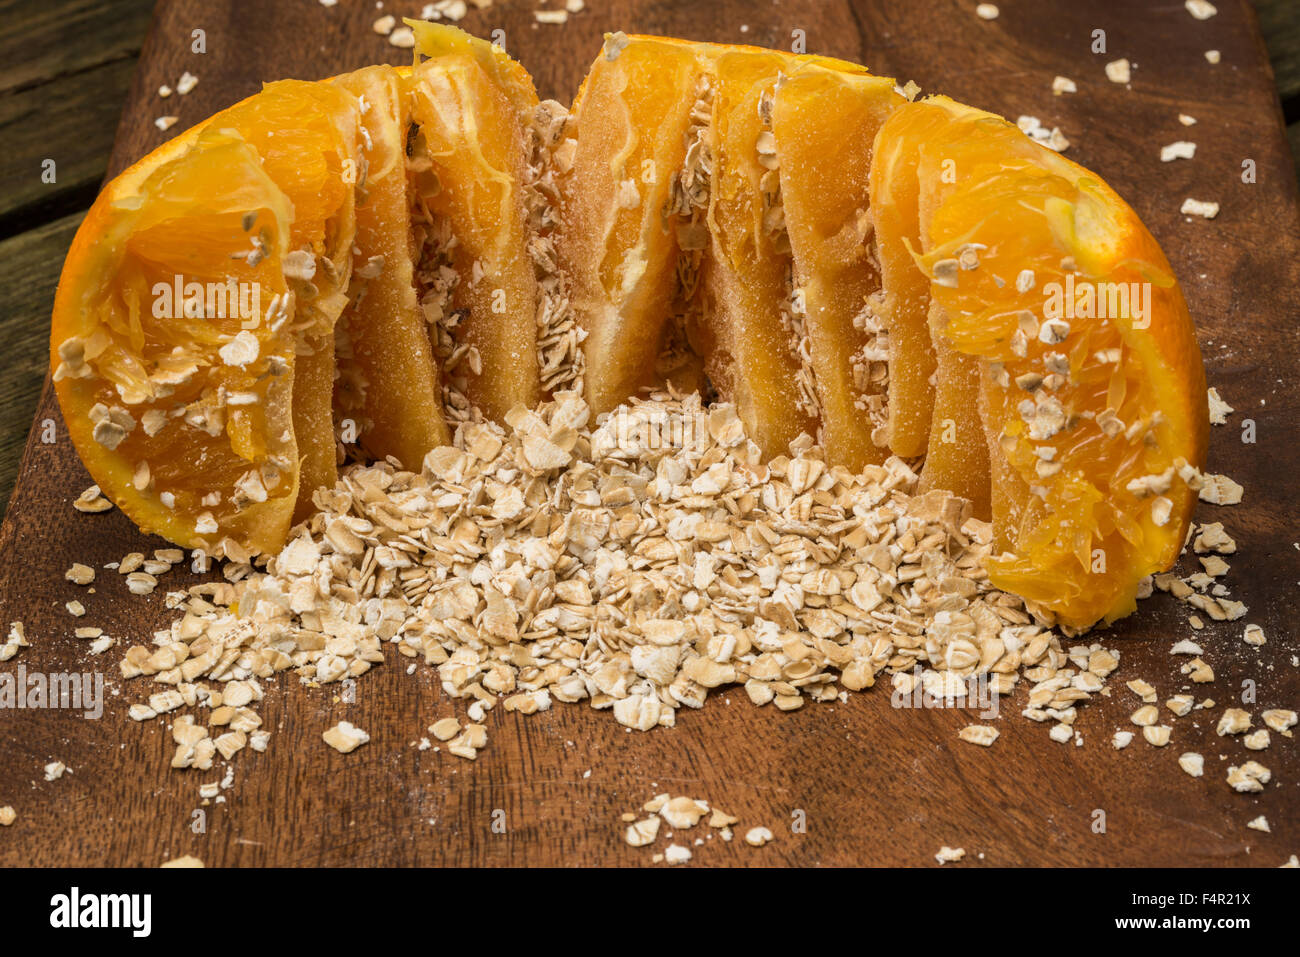 Los copos de avena y naranja para el desayuno - comida sinergia. Imagen De Stock